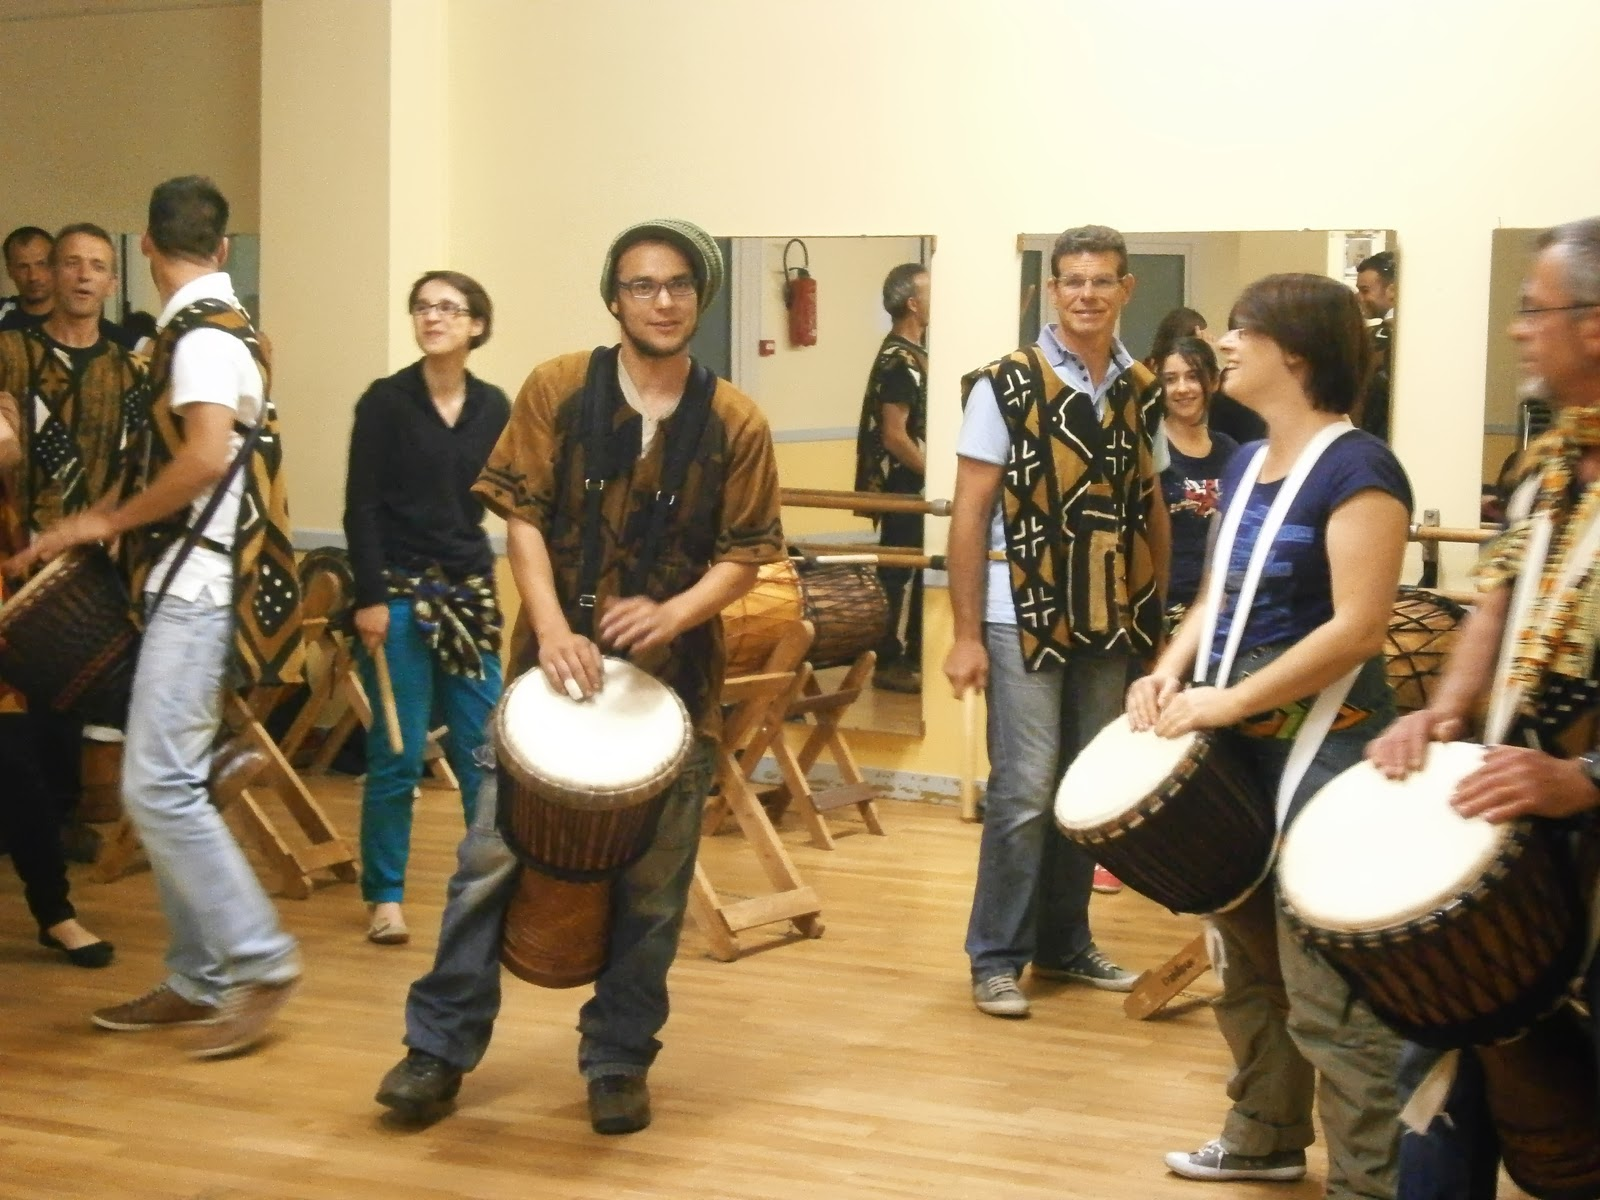 spectacle de percussions africaines à Briollay, Maine-et-Loire